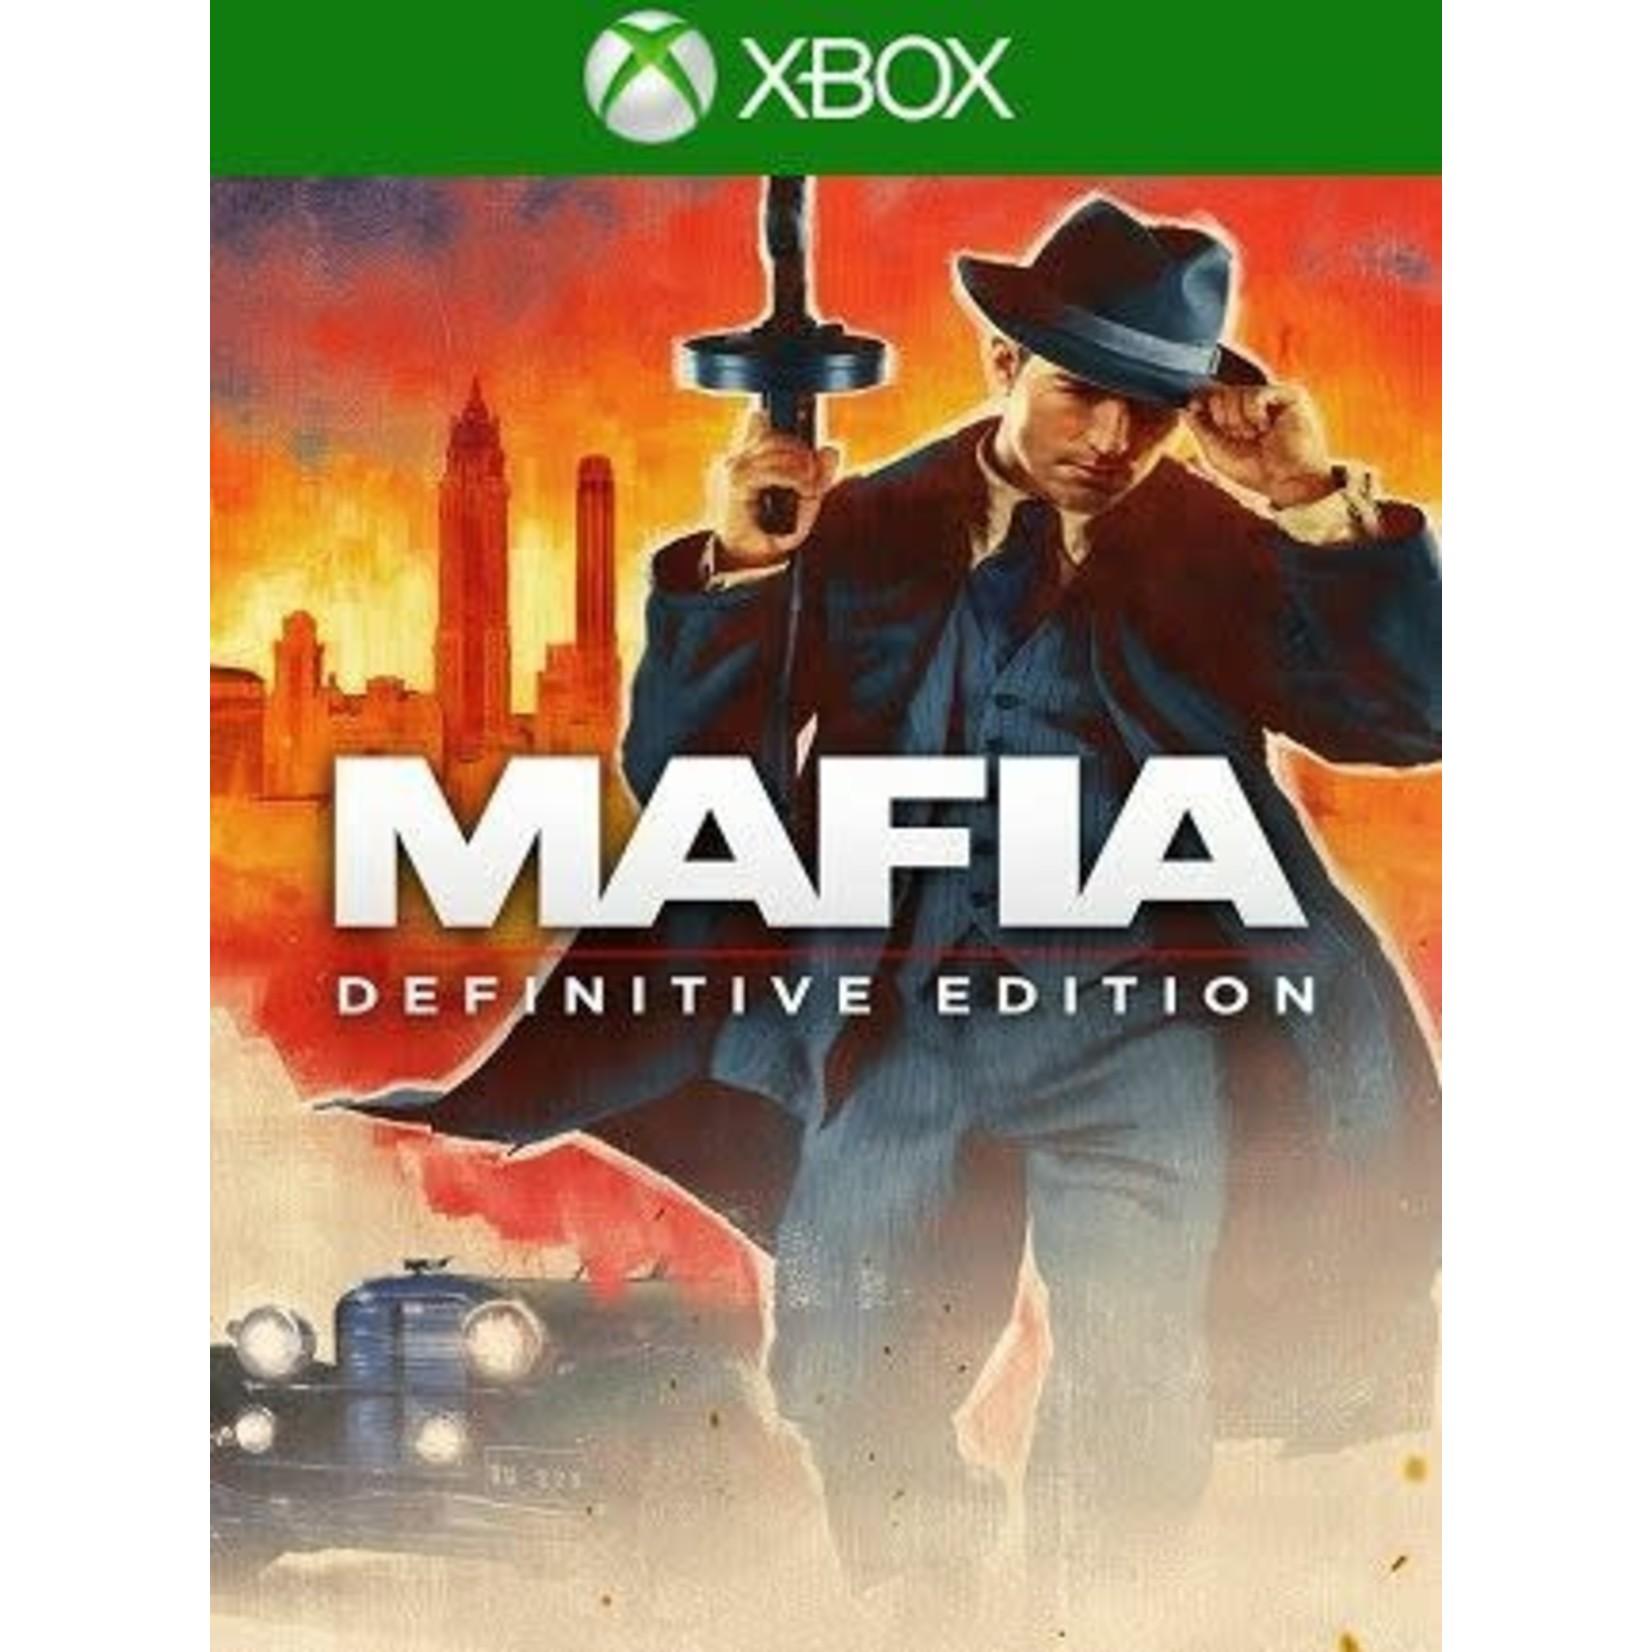 xb1-Mafia: Definitive Edition